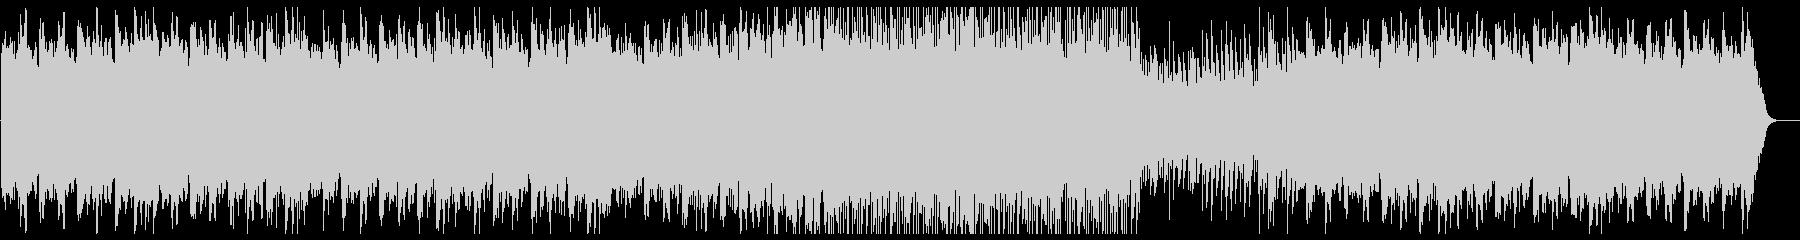 切なく美しい弦楽器シンセサウンドの未再生の波形